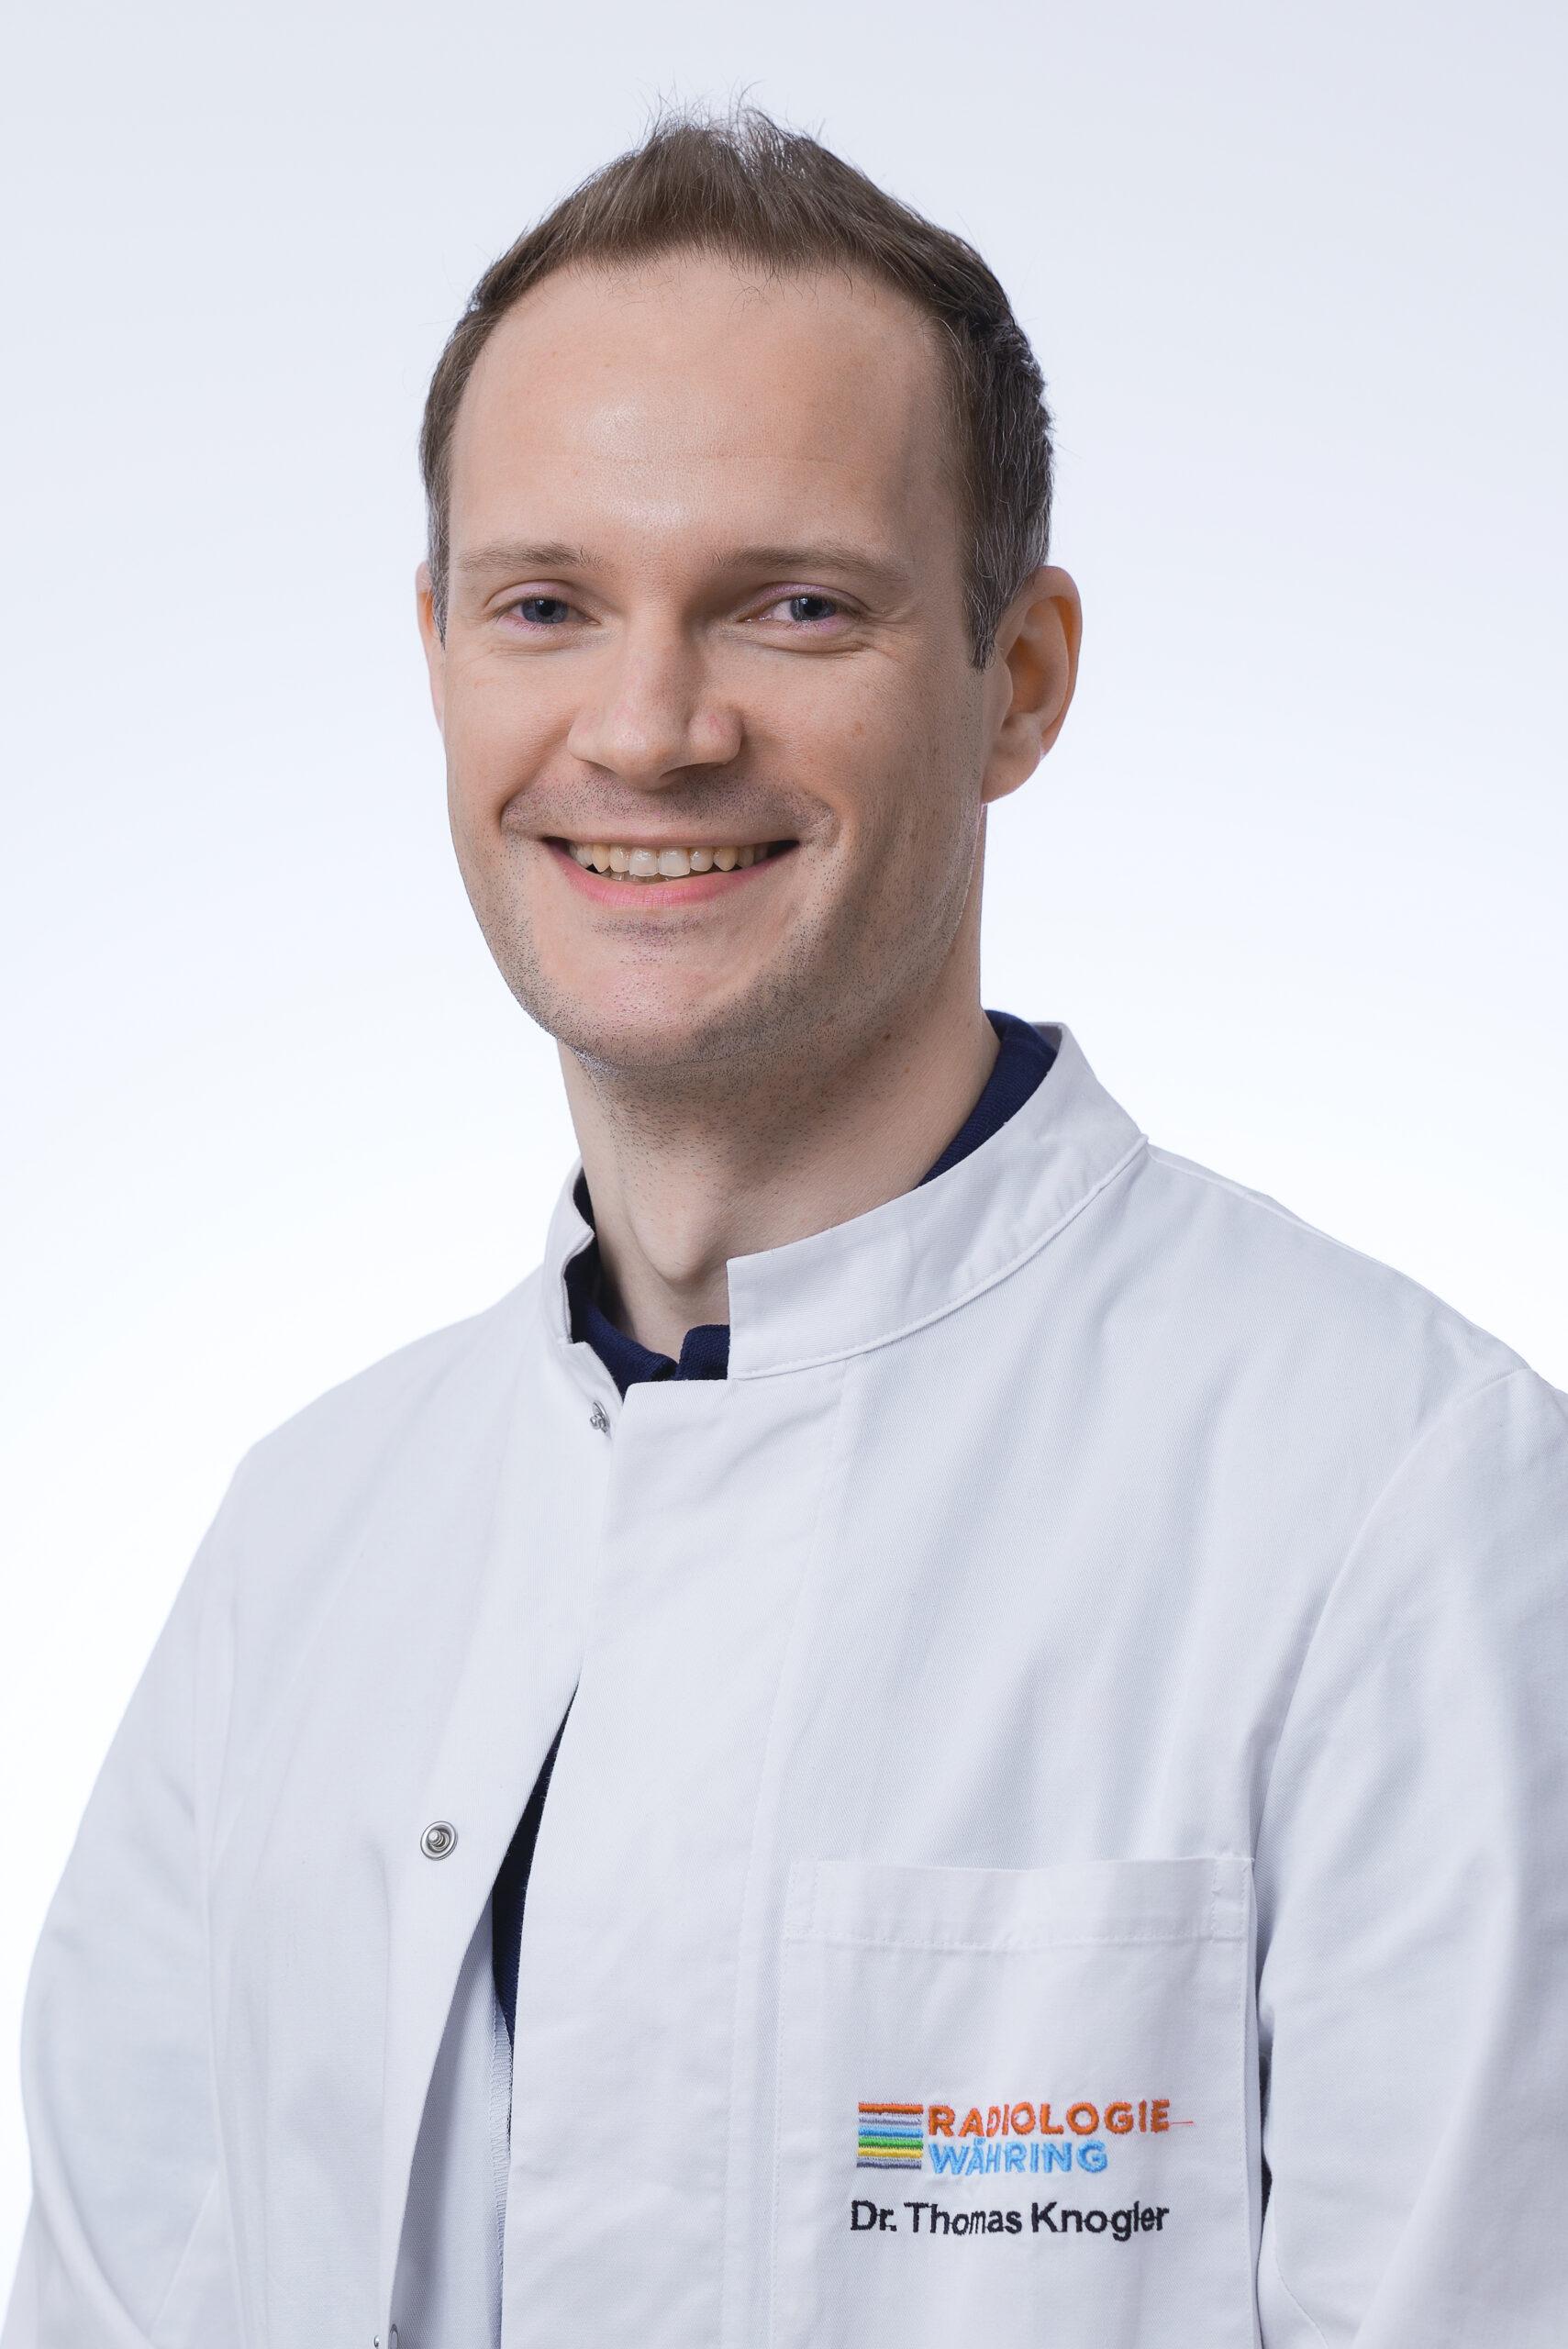 Dr. Thomas Knogler